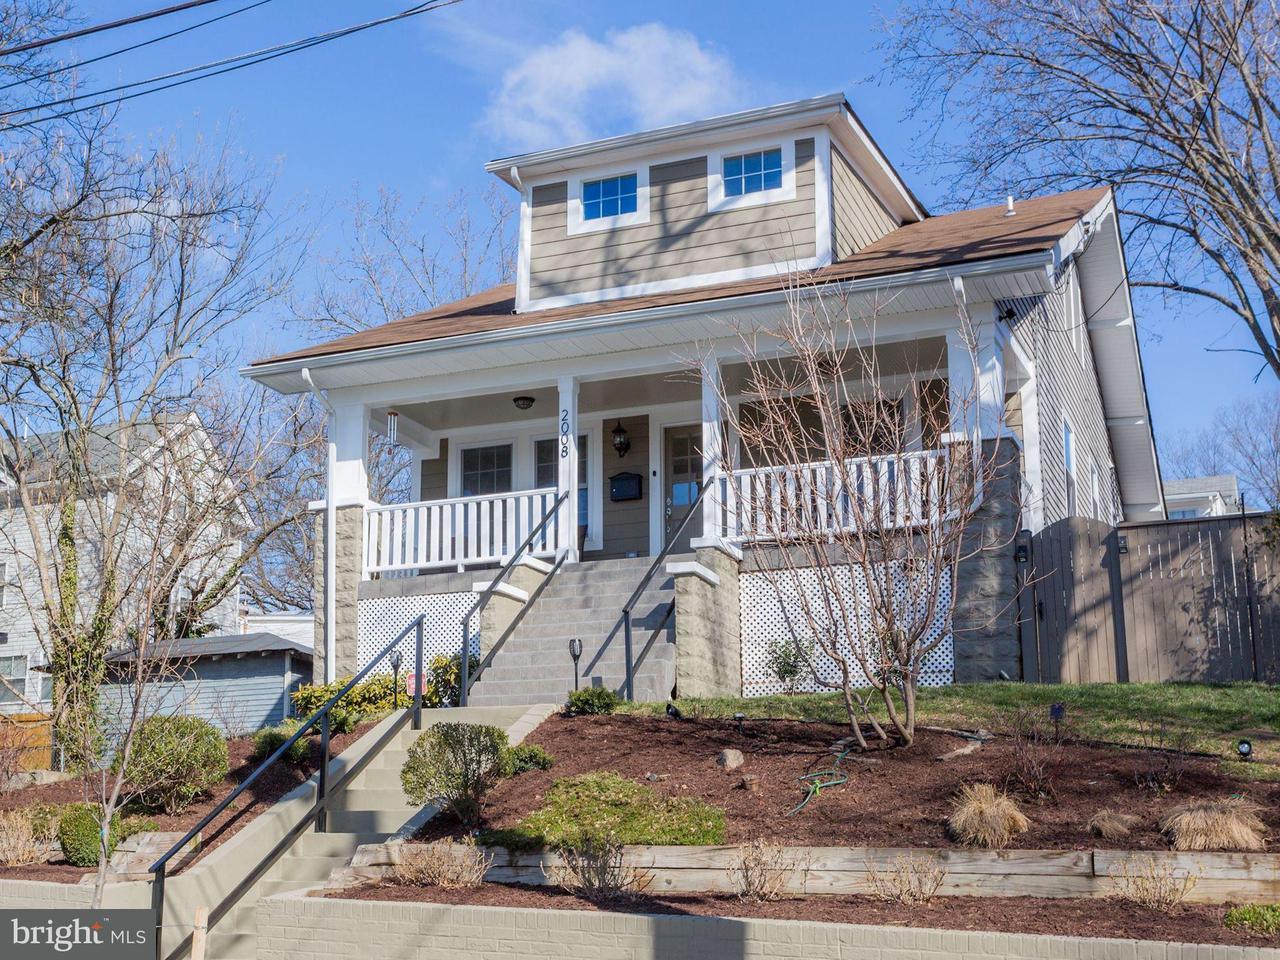 一戸建て のために 売買 アット 2008 Hamlin St Ne 2008 Hamlin St Ne Washington, コロンビア特別区 20018 アメリカ合衆国